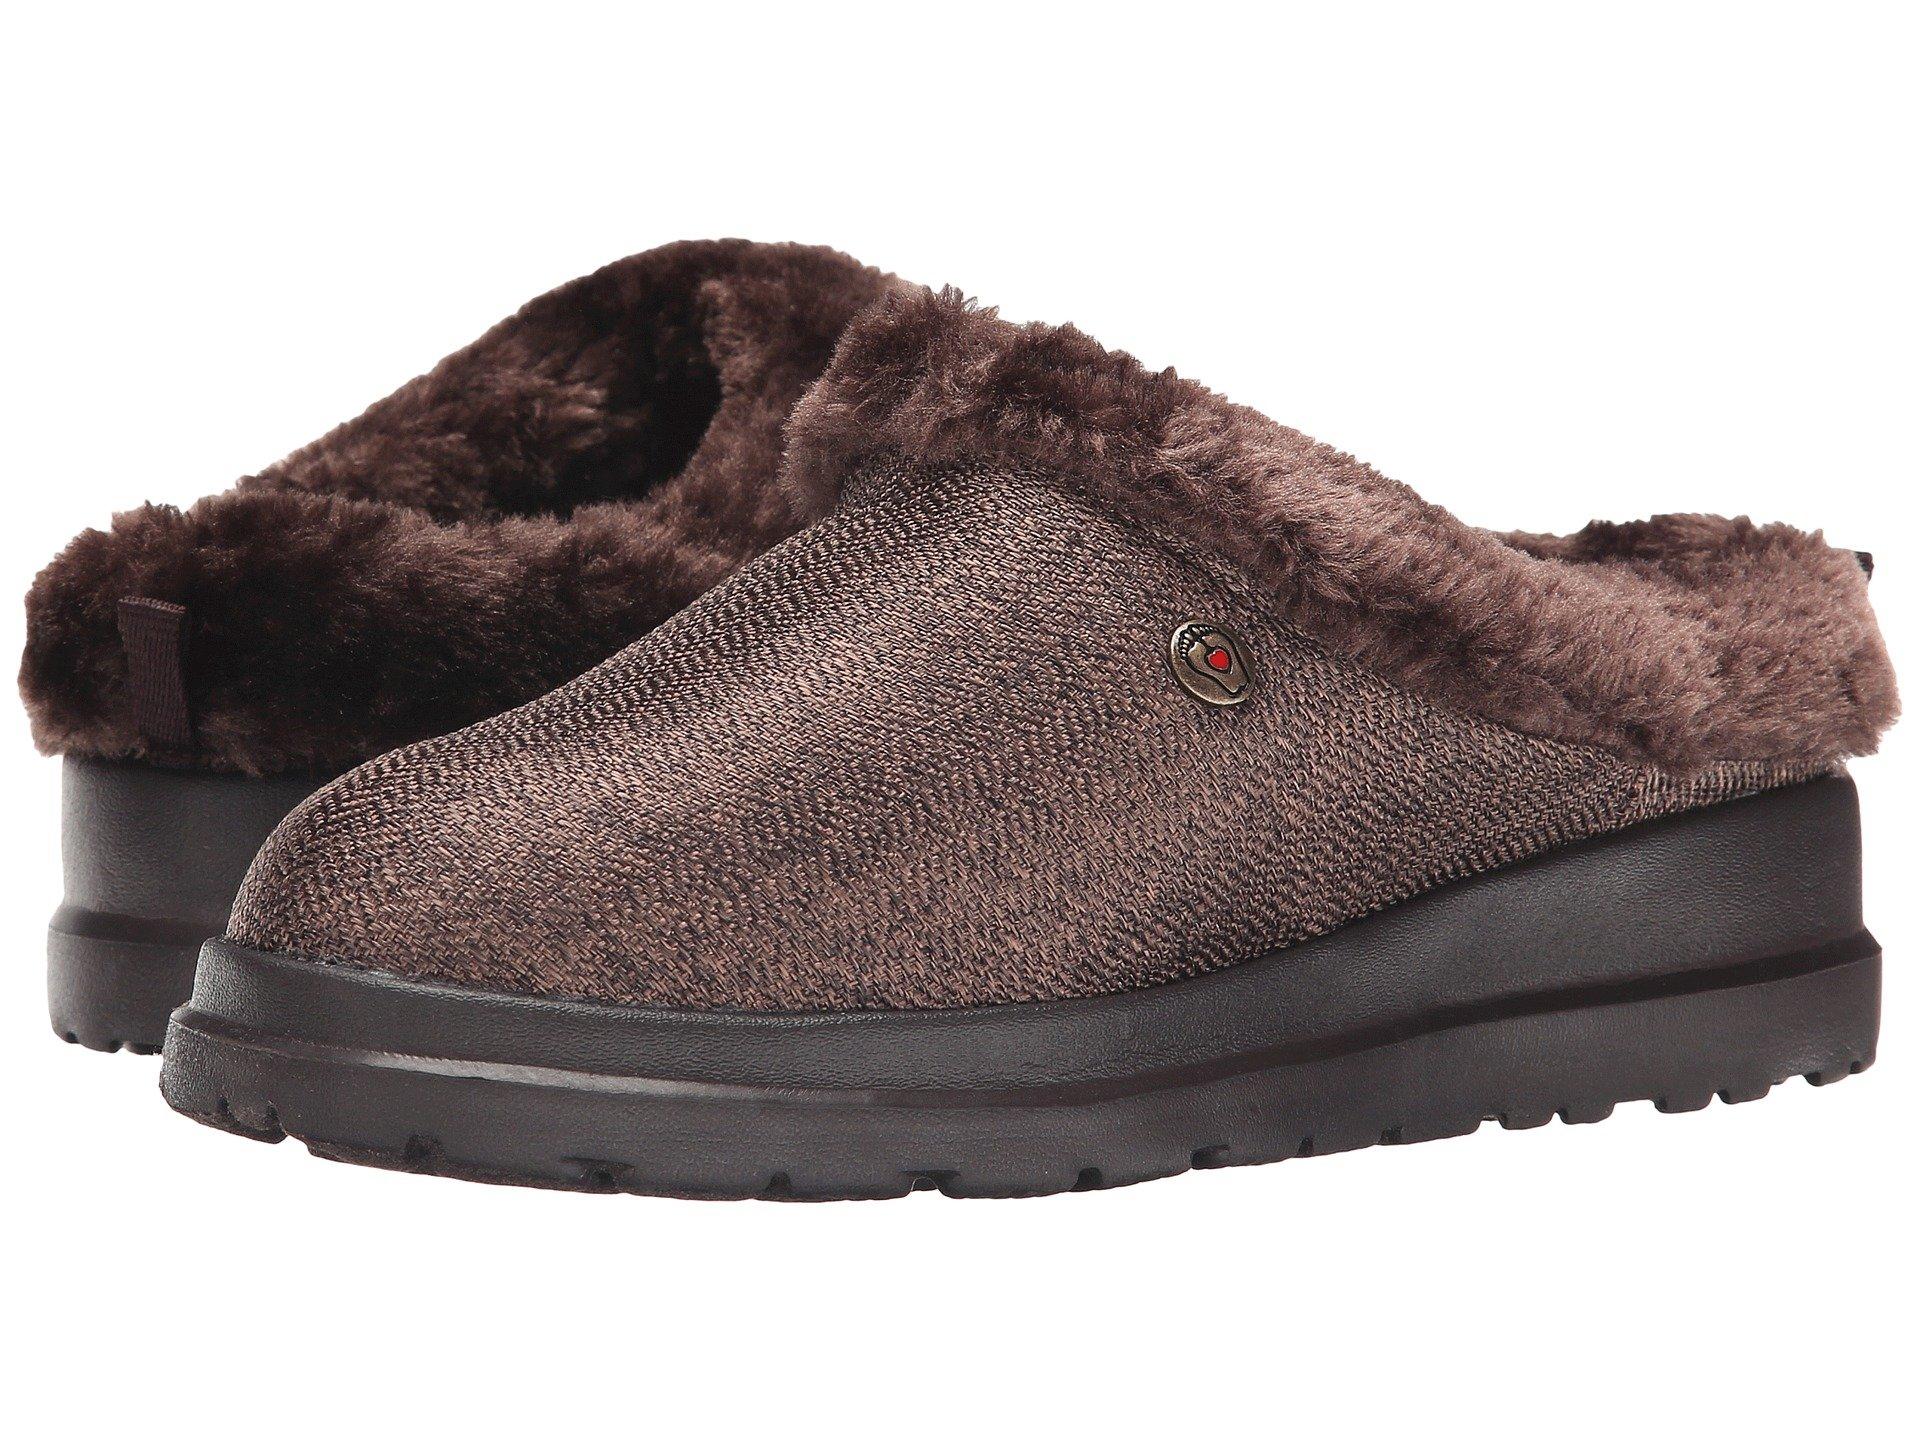 Zapato de Descanso para Mujer BOBS from SKECHERS Cherish - Cuddlers  + SKECHERS en VeoyCompro.net